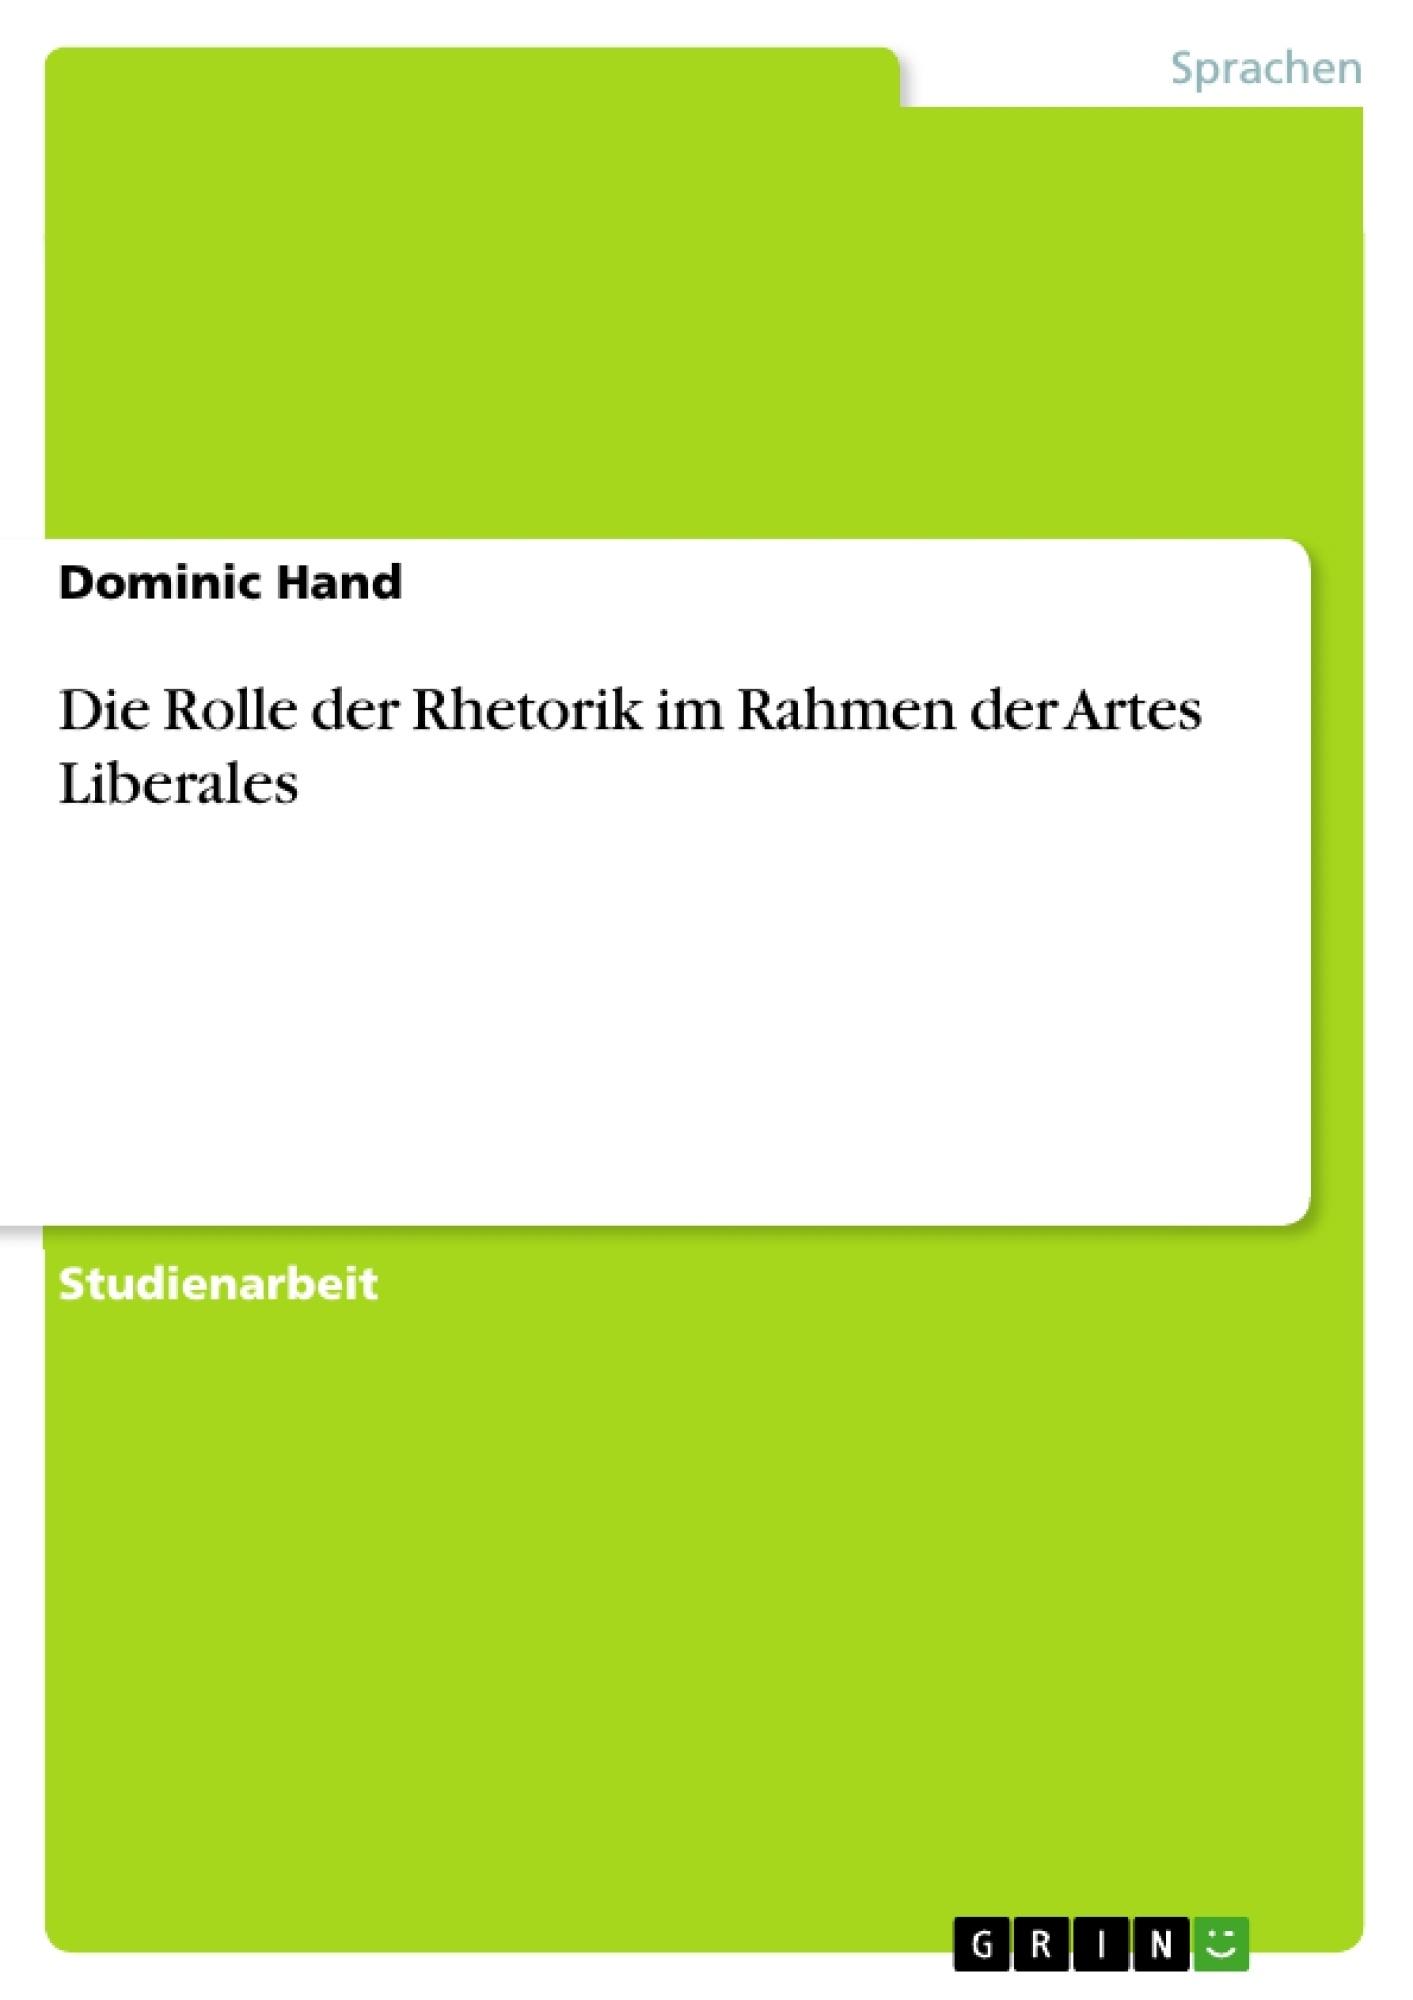 Titel: Die Rolle der Rhetorik im Rahmen der Artes Liberales